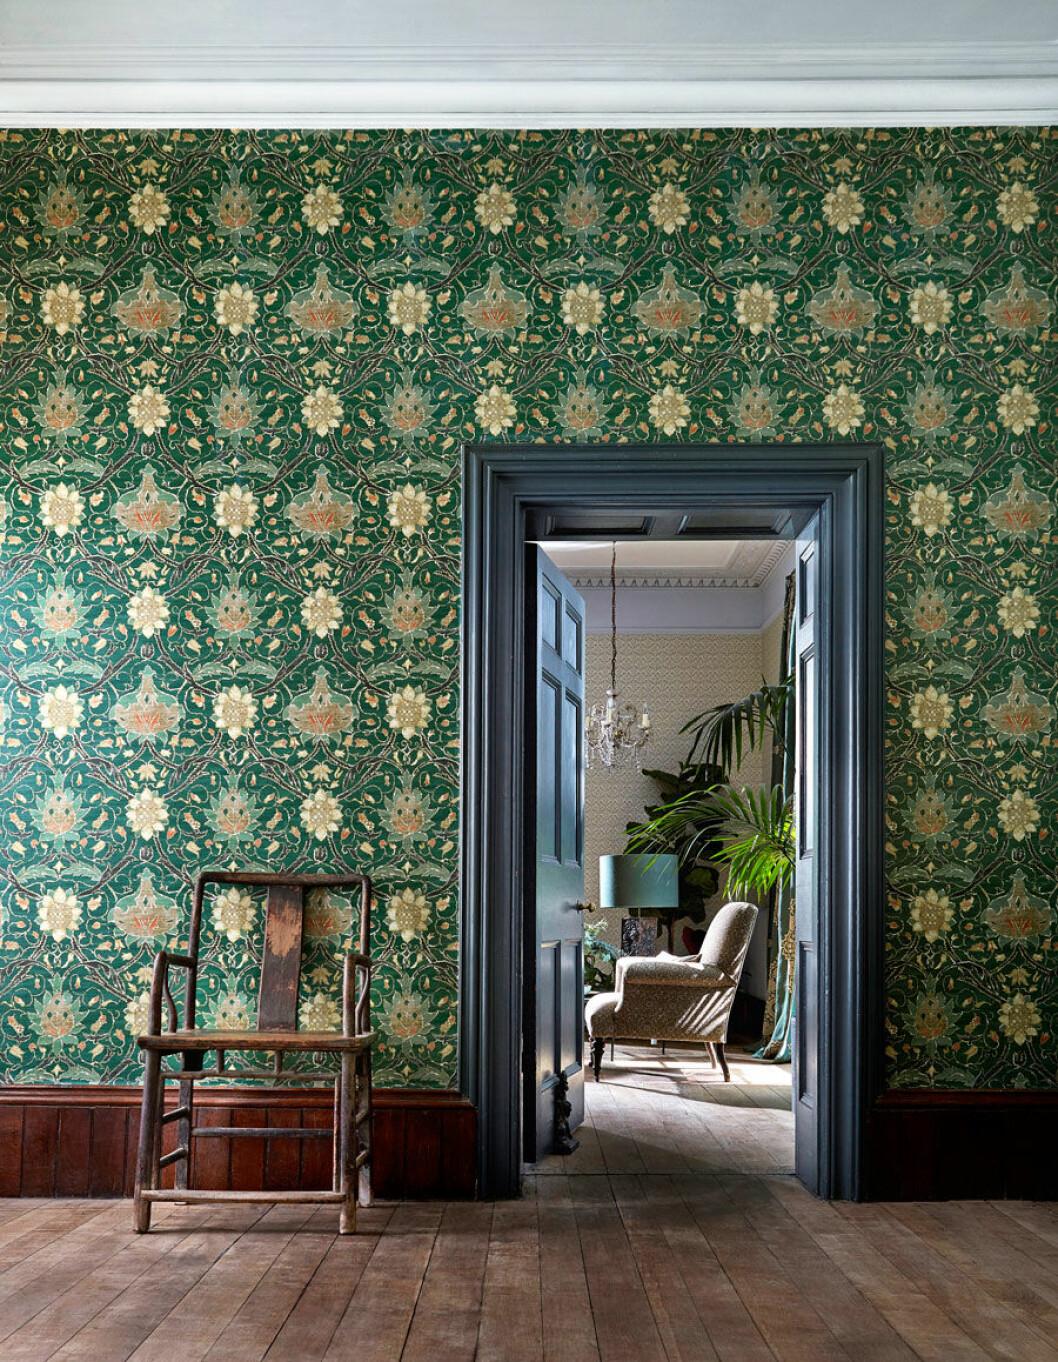 Smaragdgrön tapet med mönster